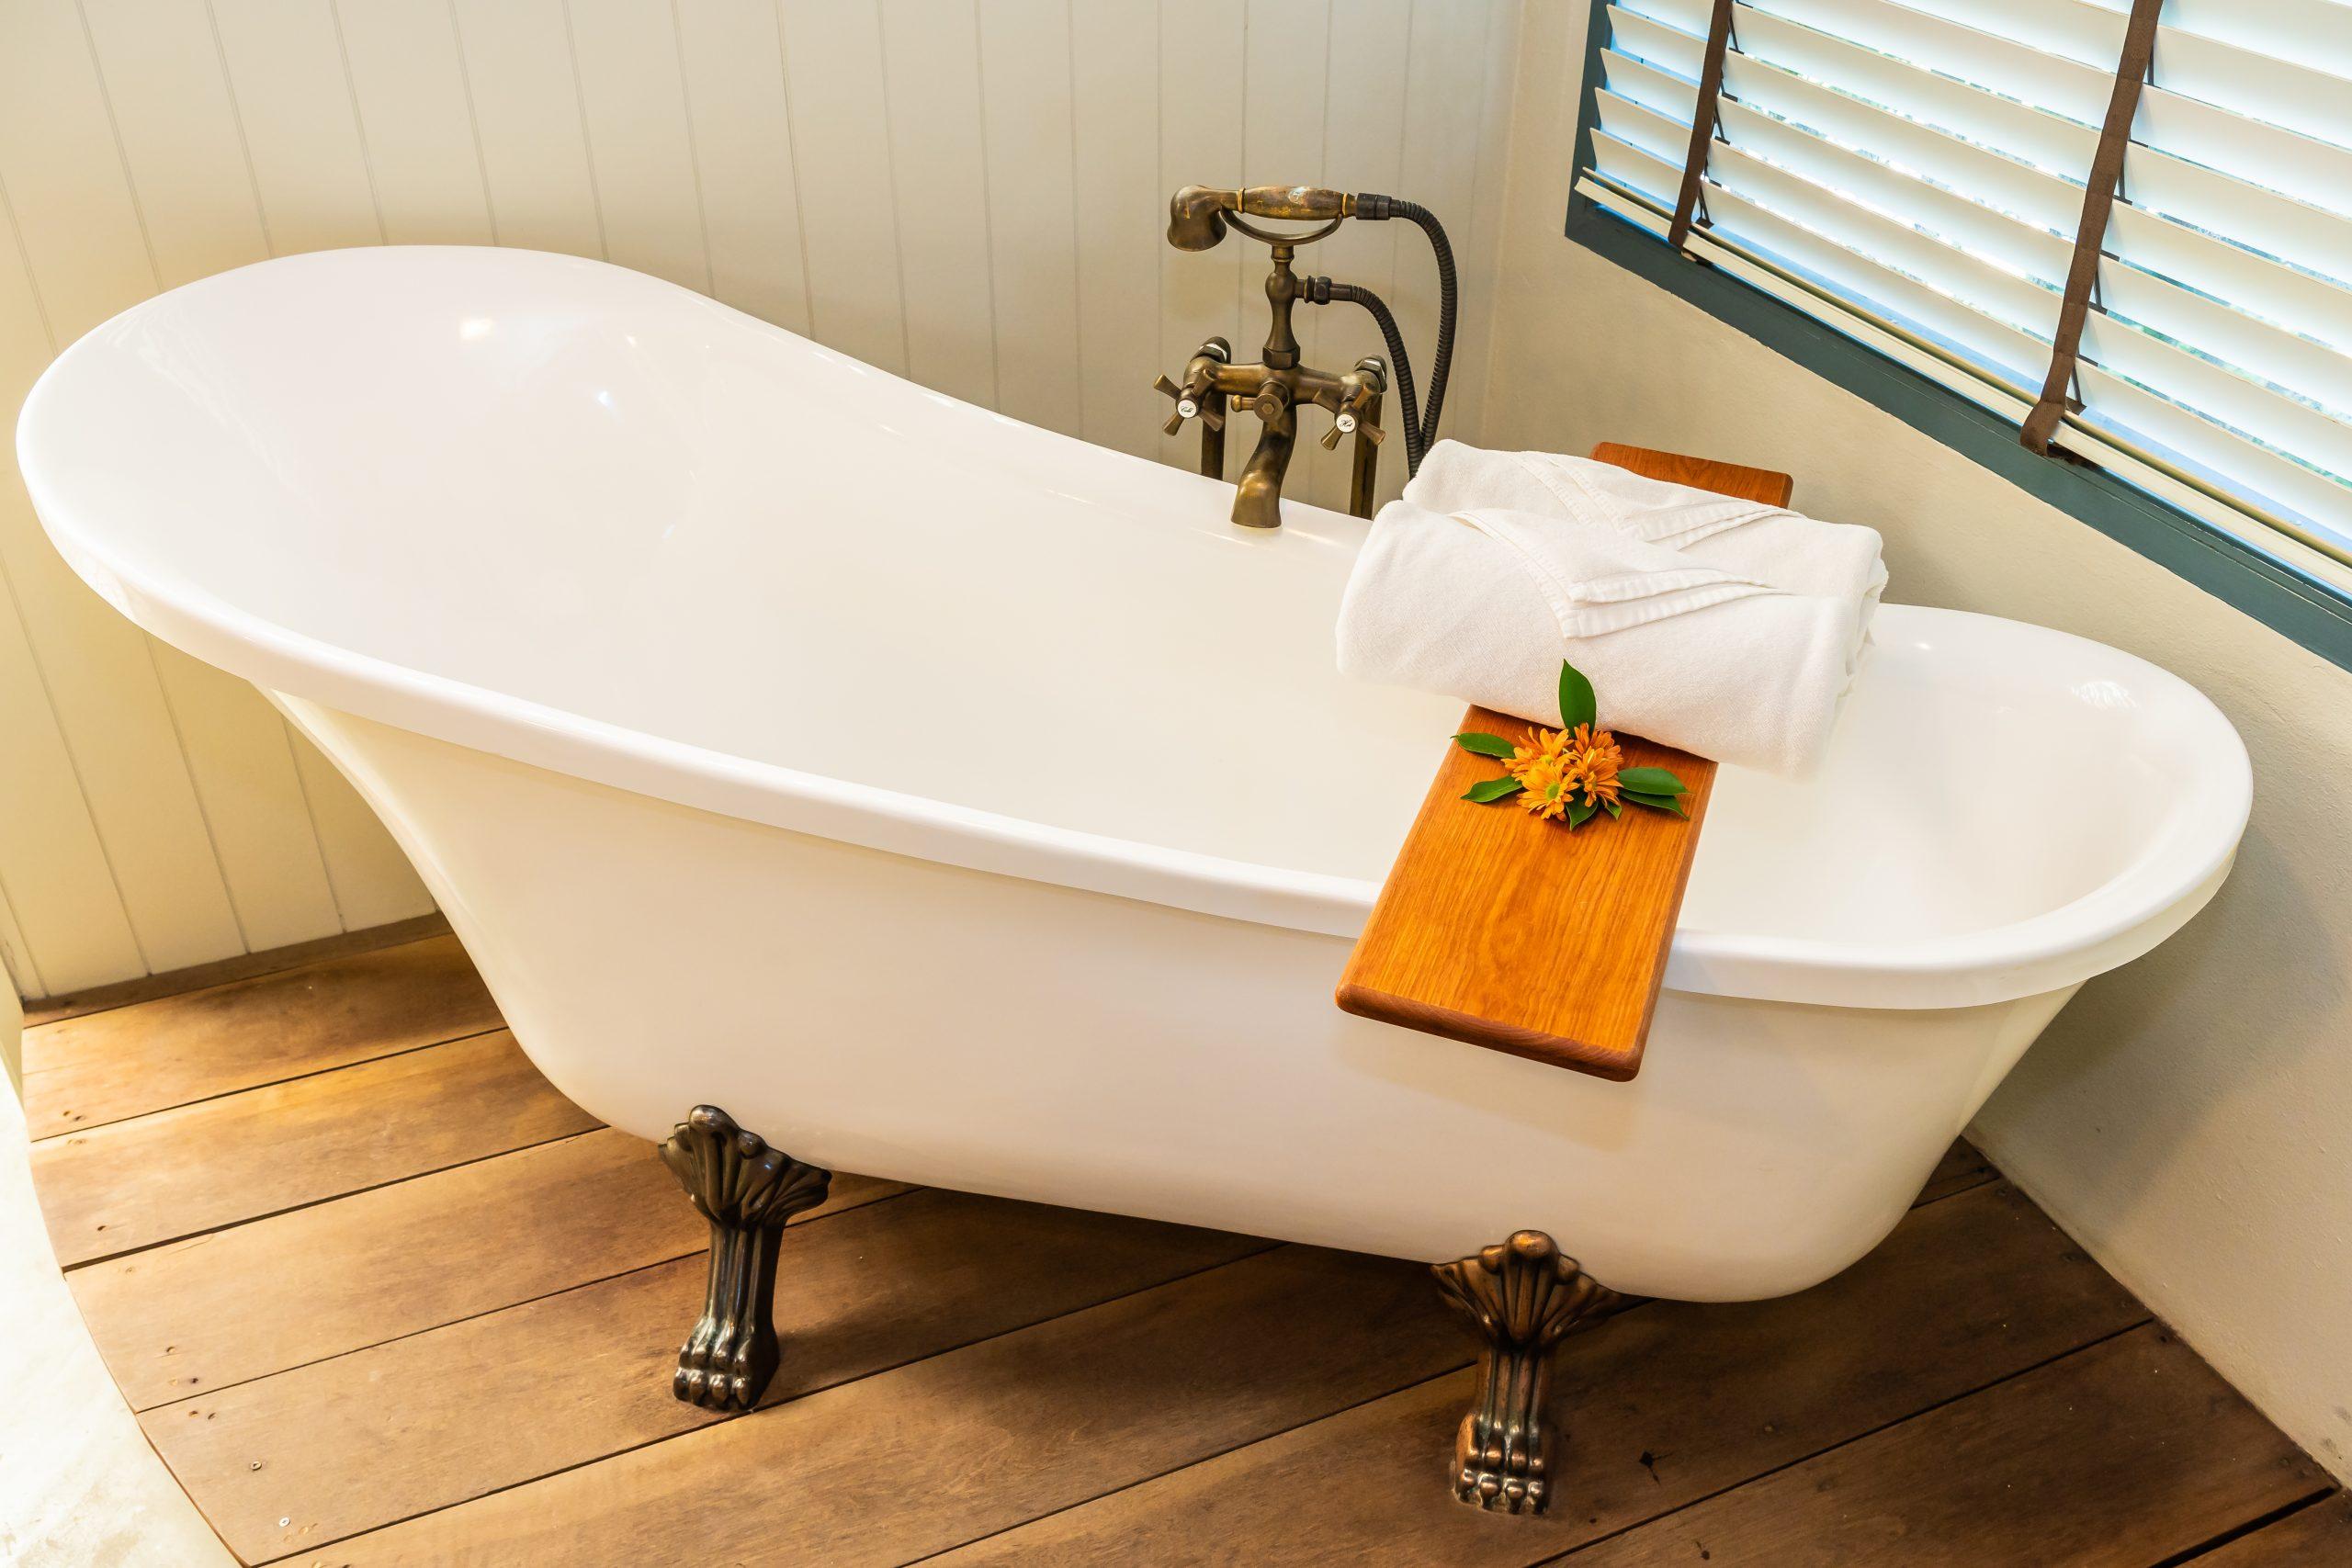 Bathtub will not Drain at All